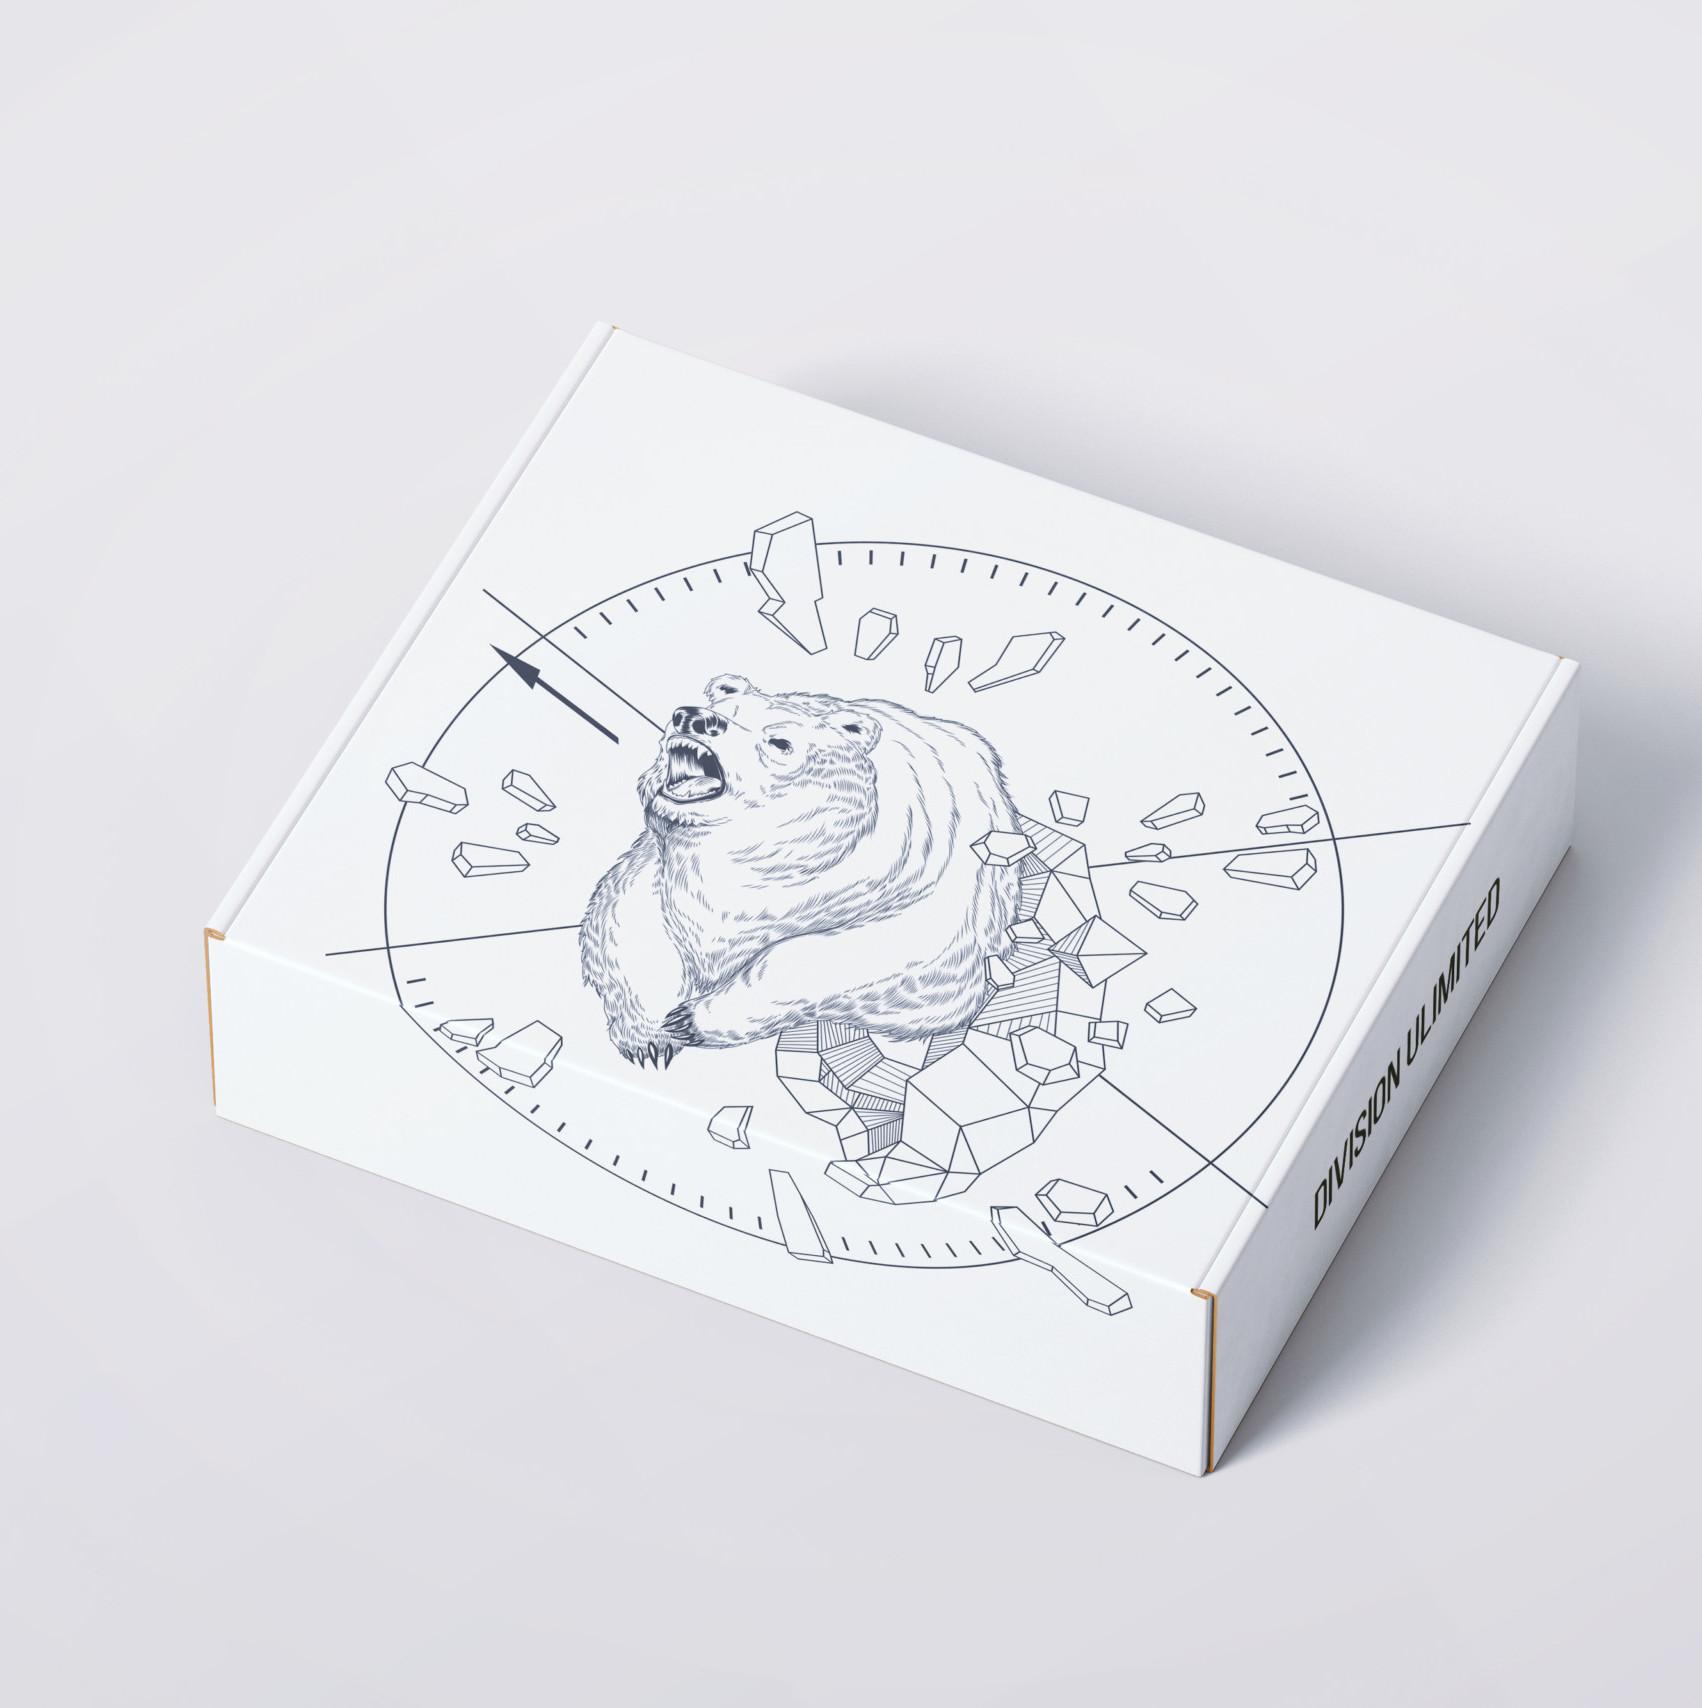 tanie pudełko wysyłkowe z logo